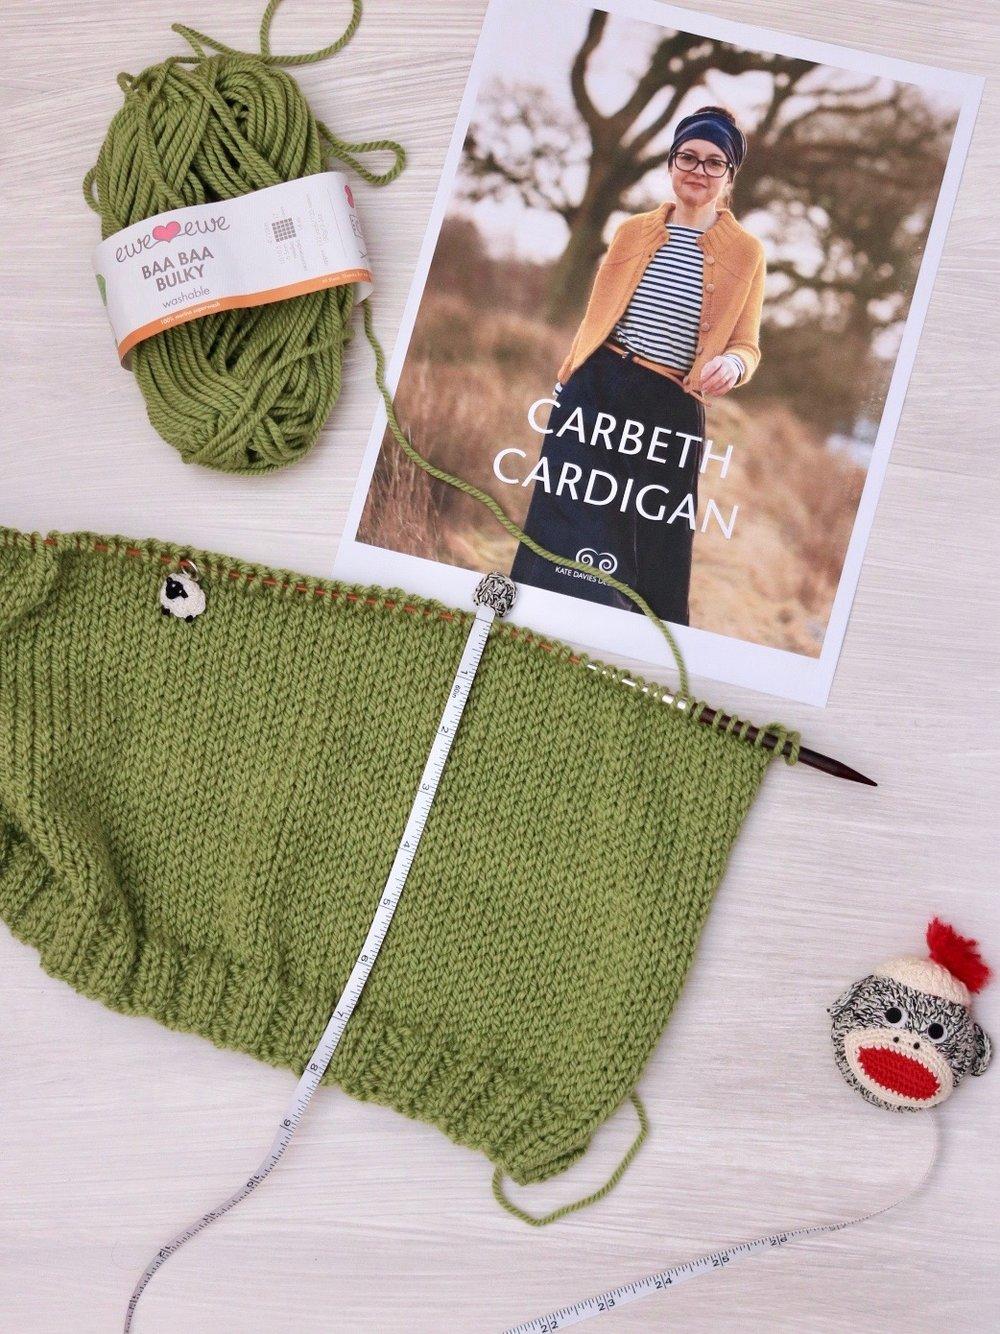 Carbeth Cardigan knitting progress